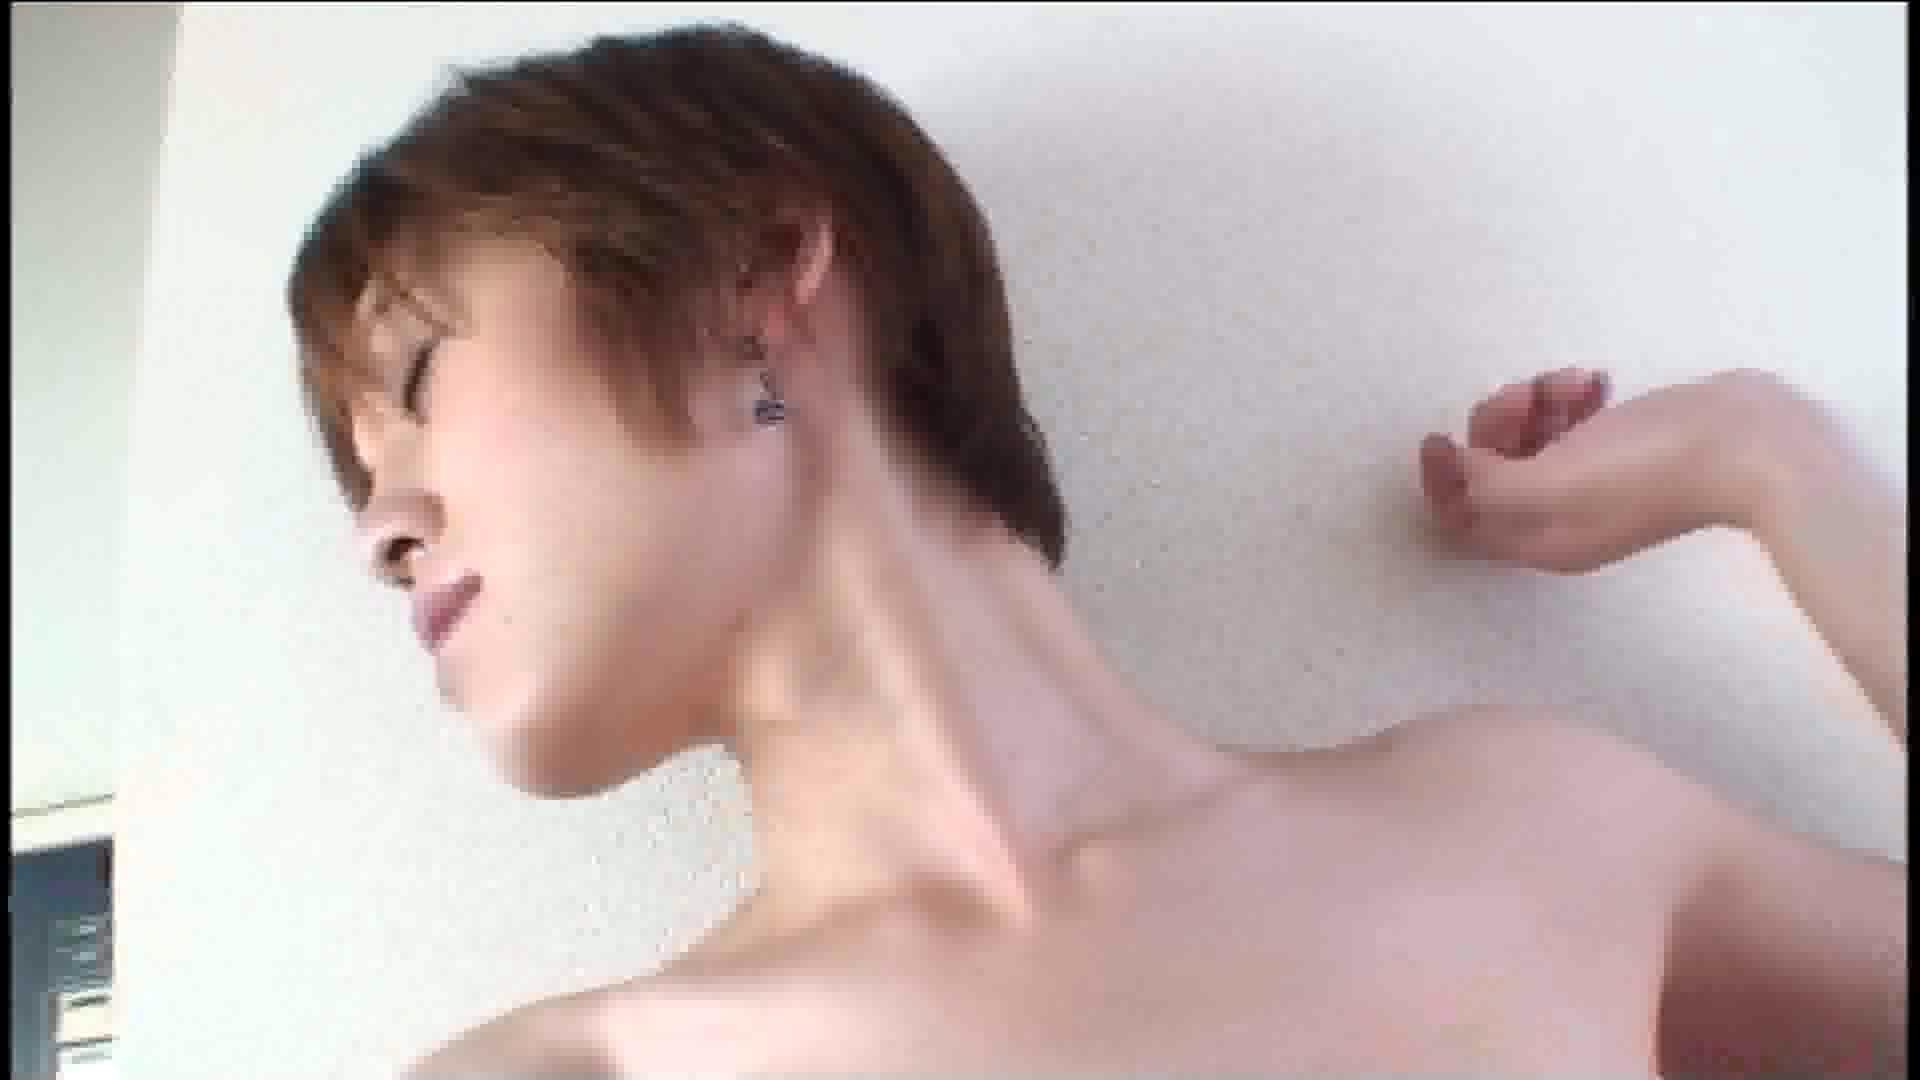 優男のコスプレショー&セクシームービー前編 イケメン  97pic 11